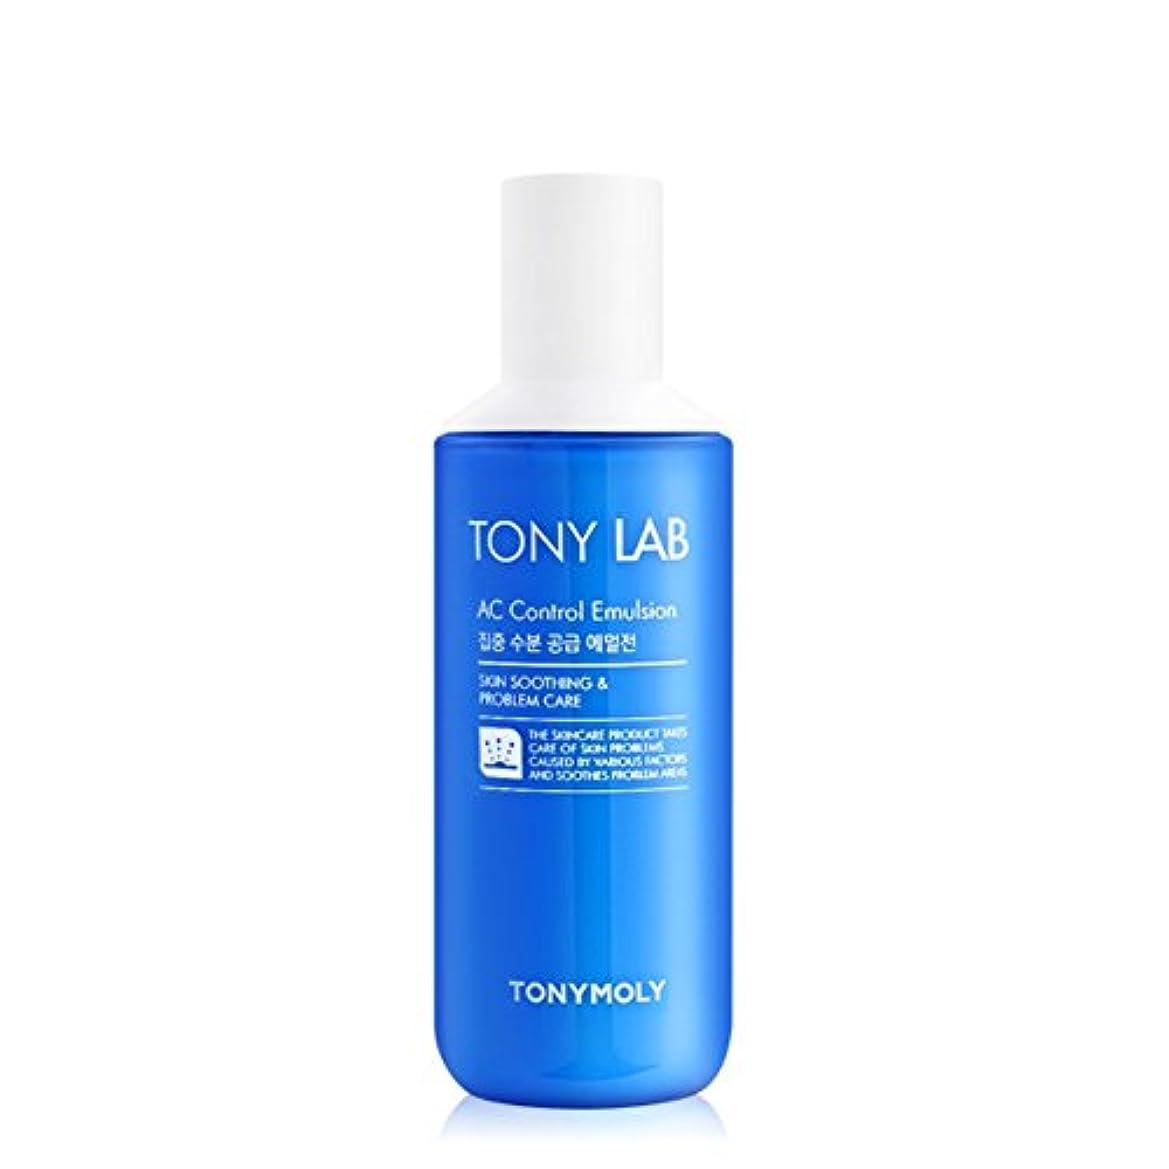 ありそうまだ仲人[2016 New] TONYMOLY Tony Lab AC Control Emulsion 160ml/トニーモリー トニー ラボ AC コントロール エマルジョン 160ml